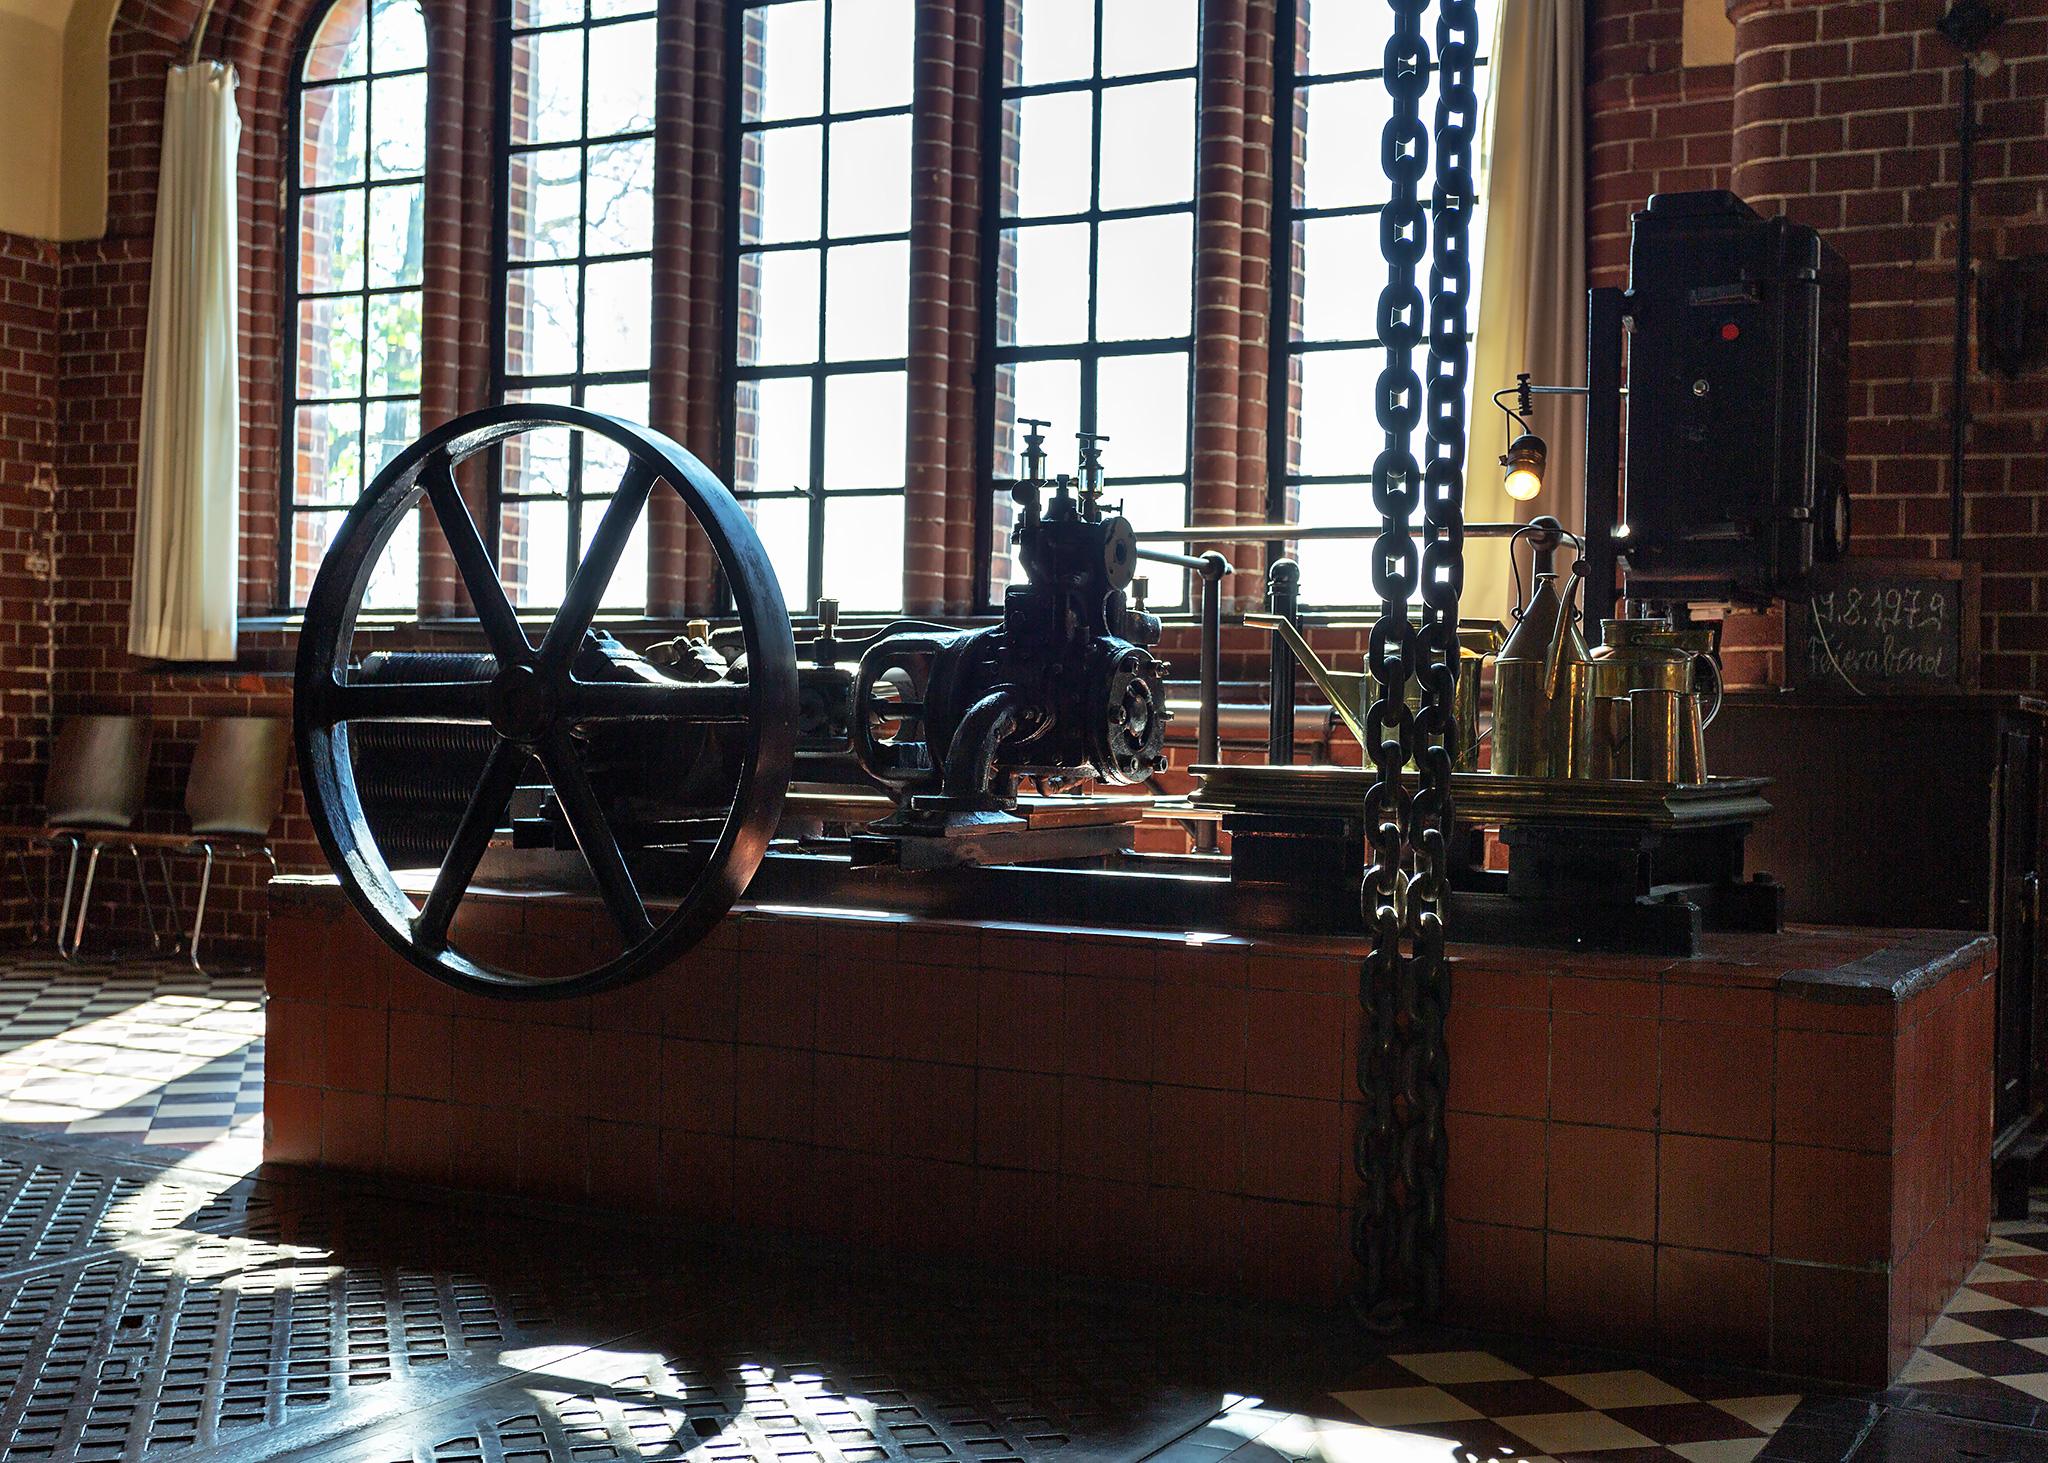 Maschinenhalle im Museum des Alten Wasserwerk Friedrichshagen